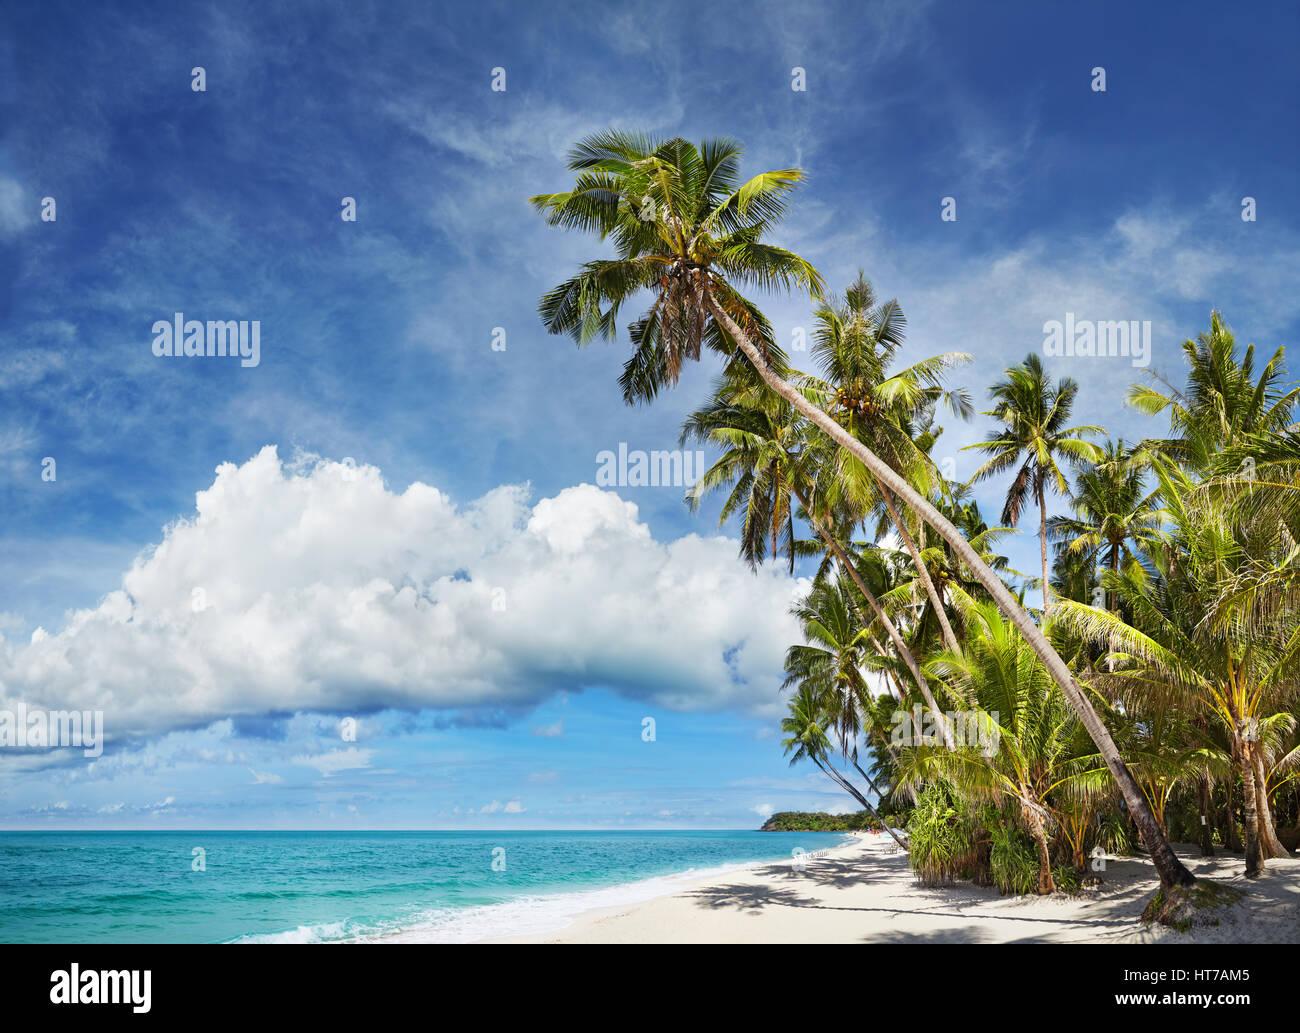 Plage tropicale avec palmiers et sable blanc Photo Stock